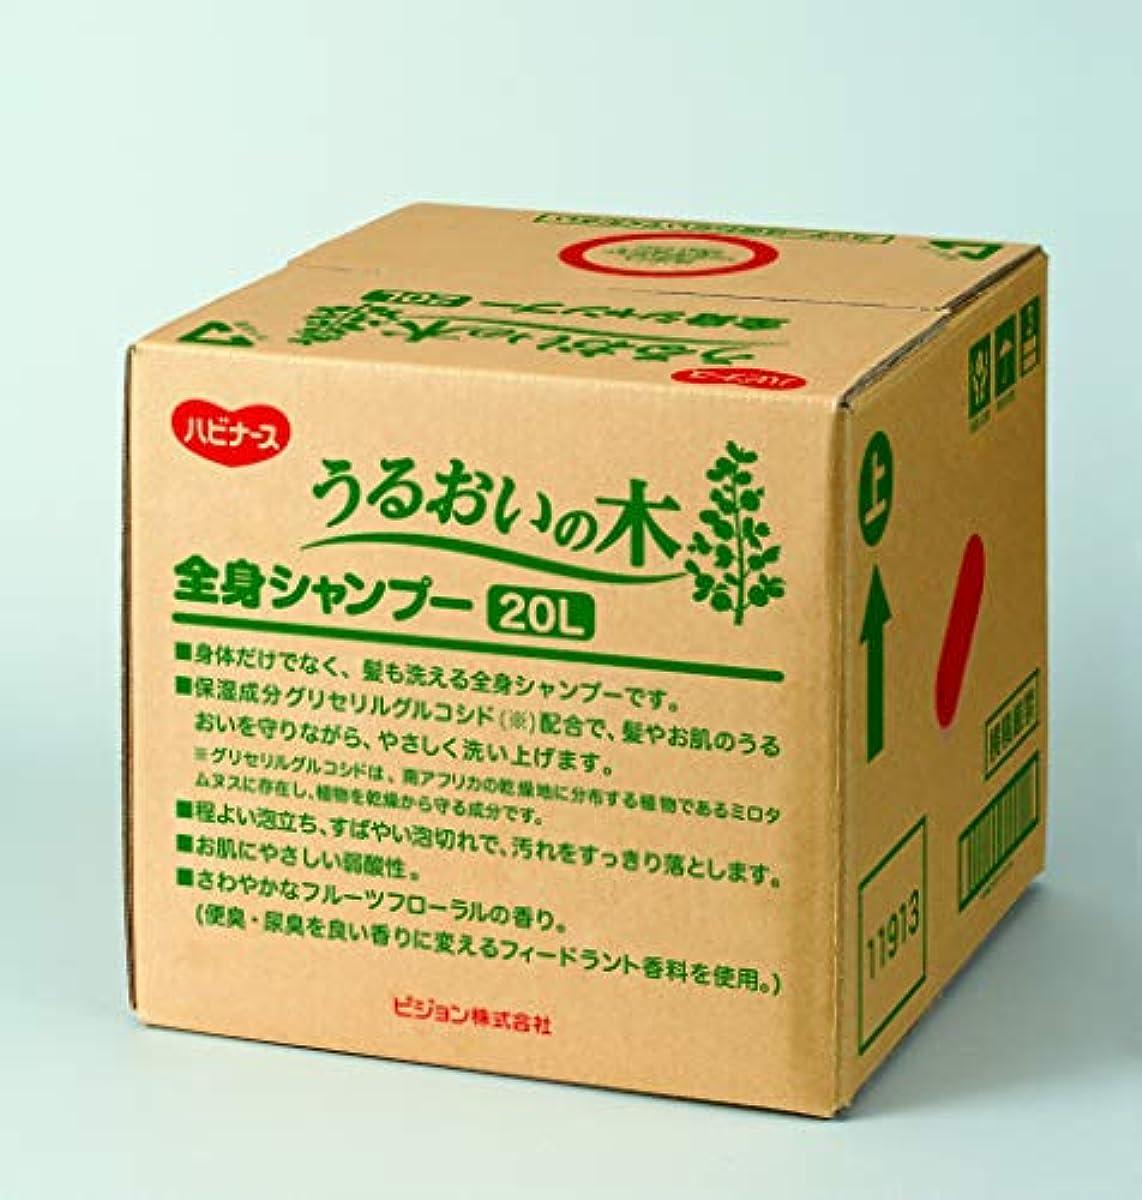 添加剤果てしないいつうるおいの木 全身シャンプー 20L